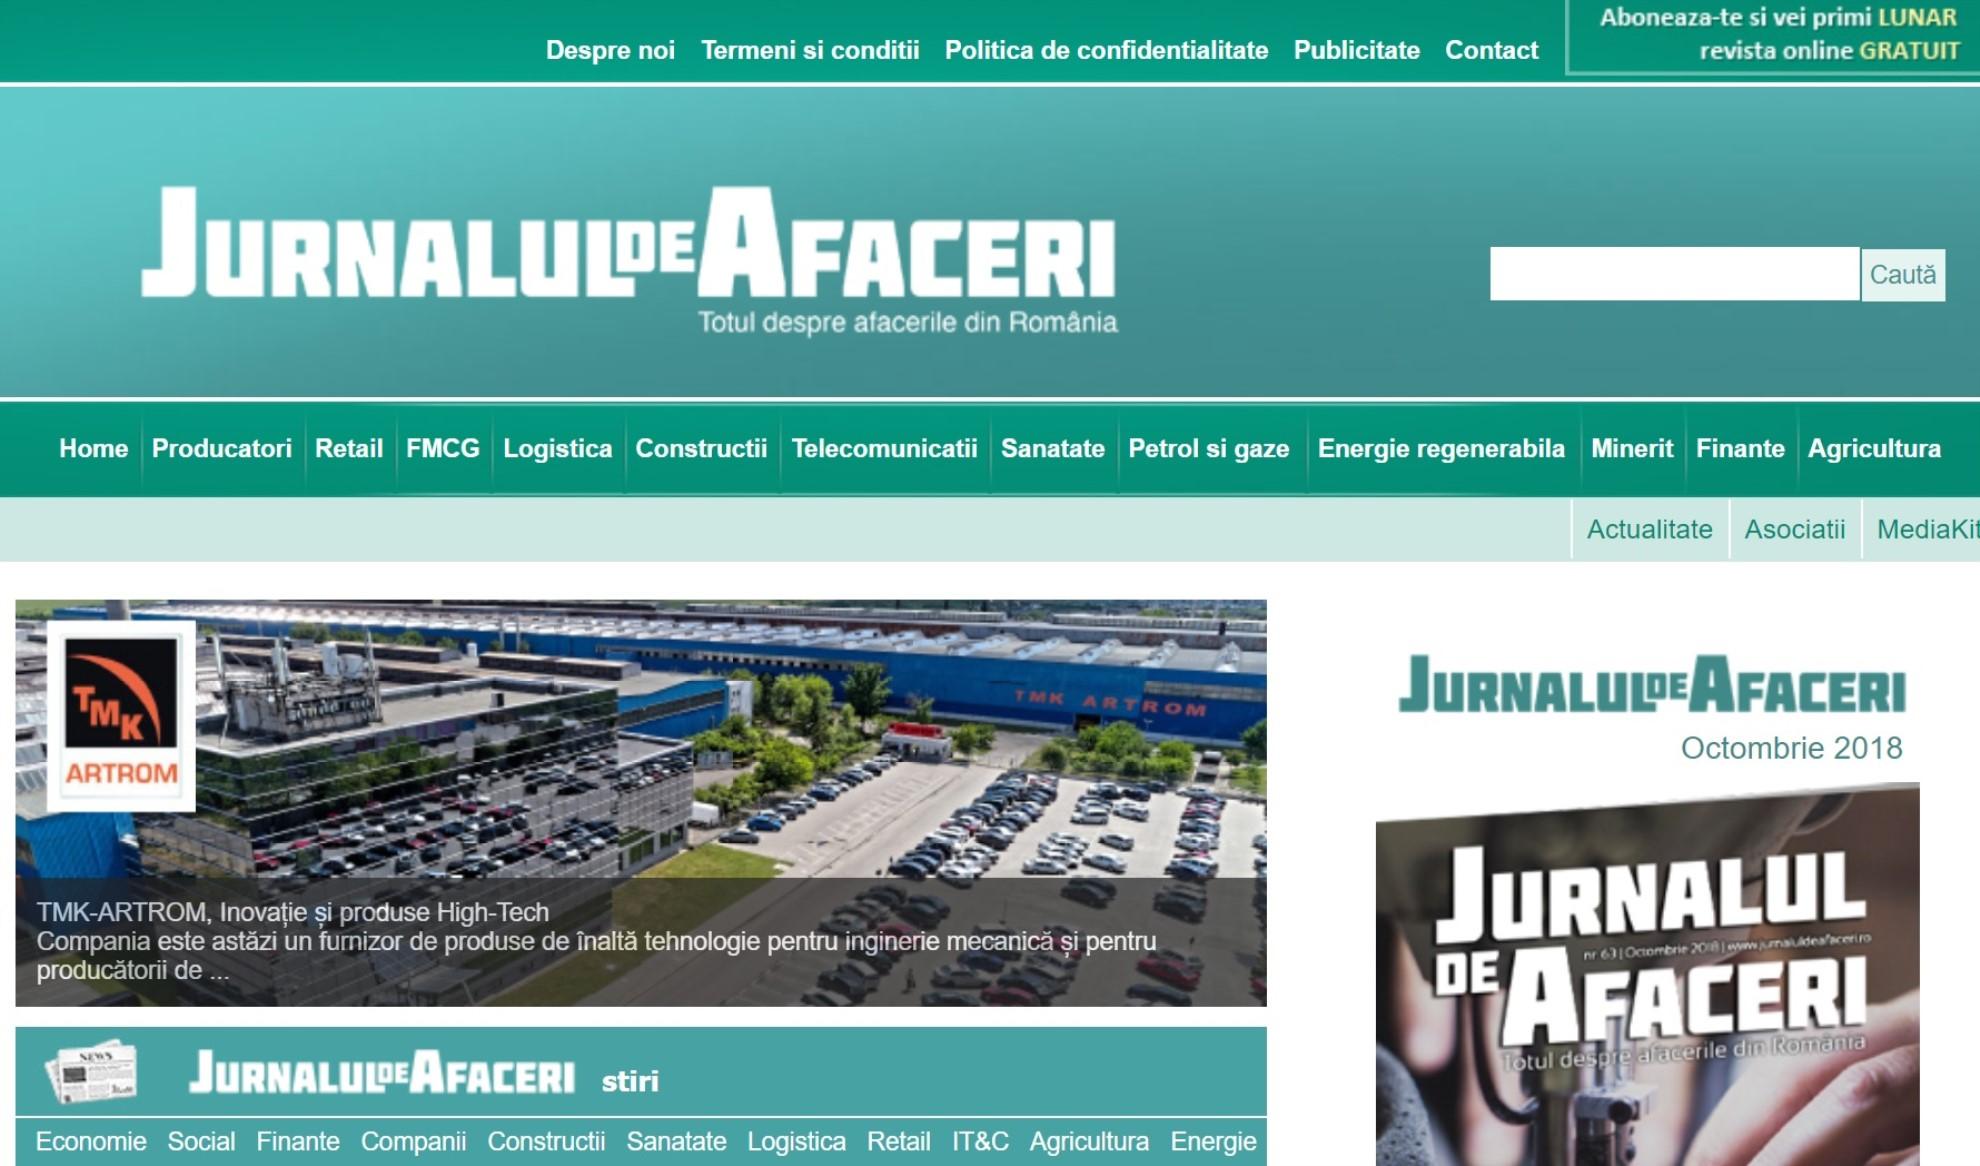 Jurnalul de Afaceri | Totul despre afacerile din Romania